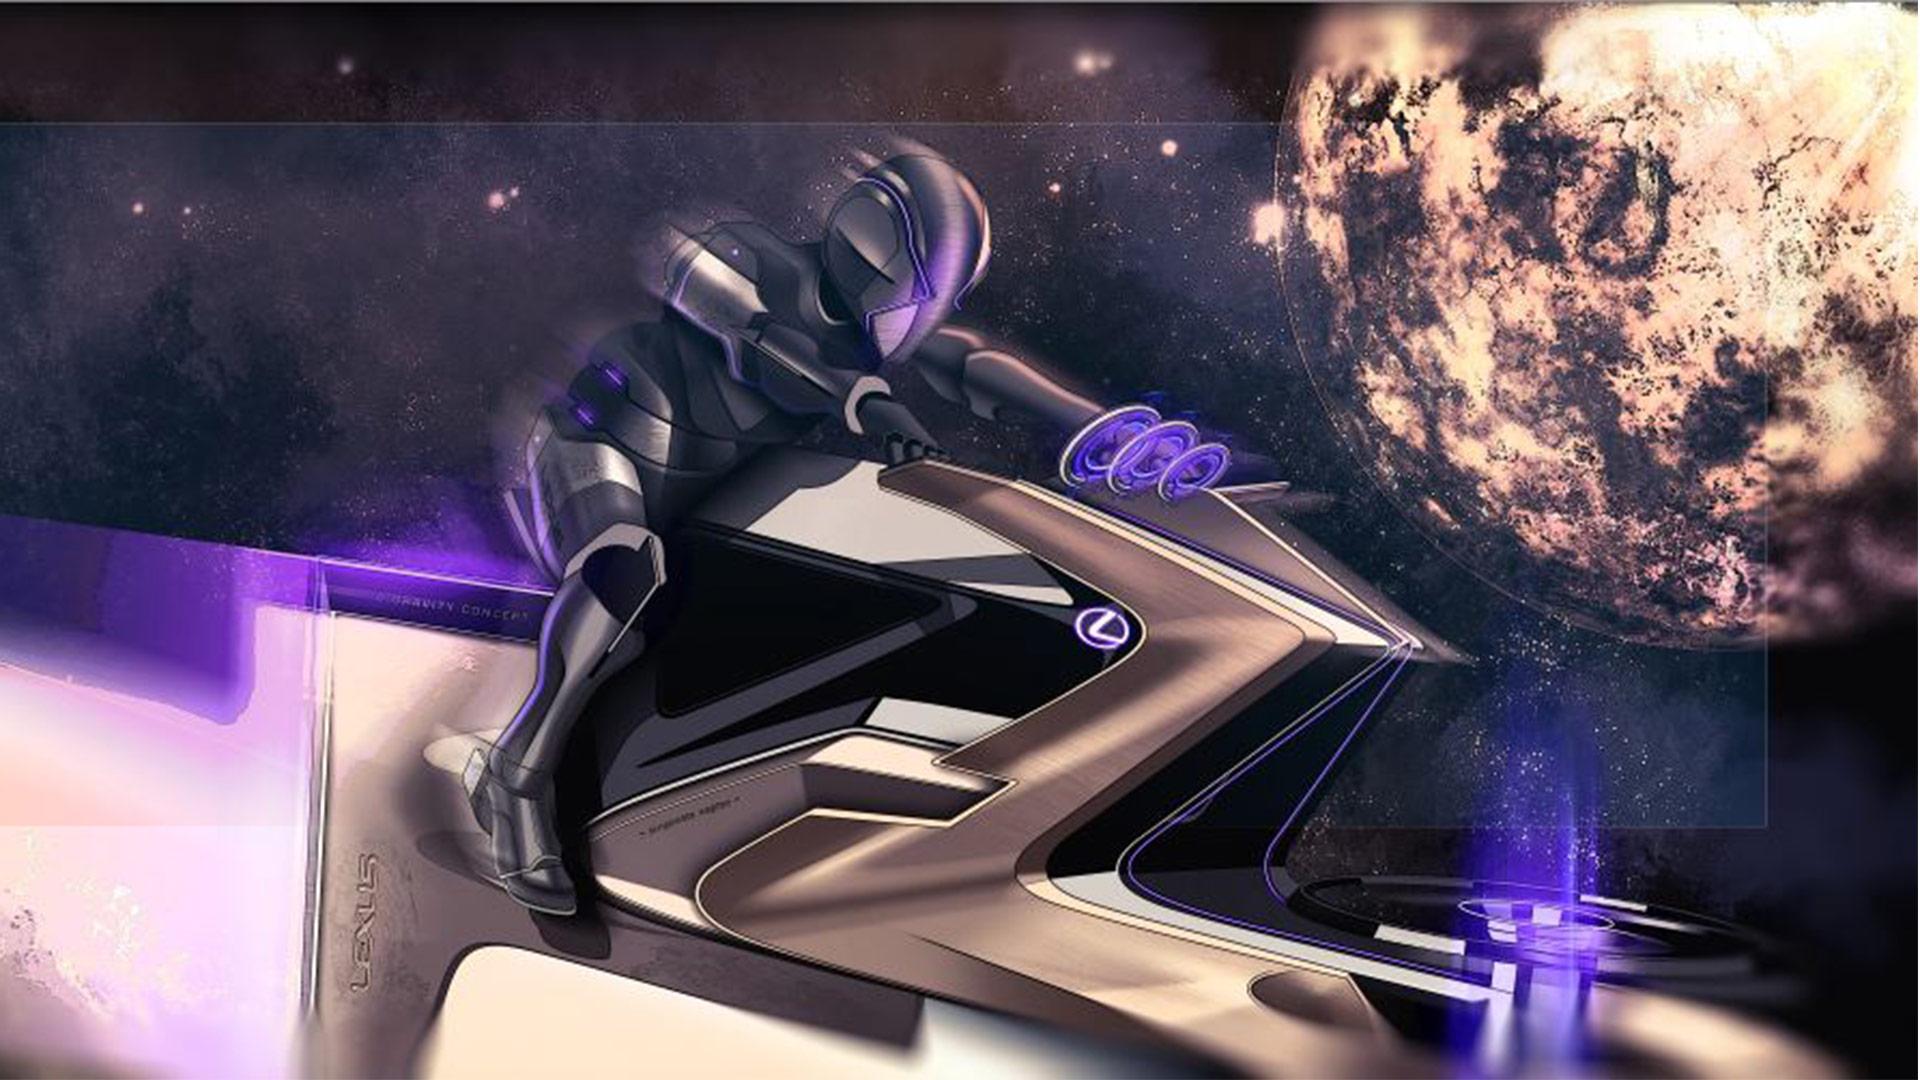 2020 004 Lexus Zero Gravity Concept 1920x1080 hero